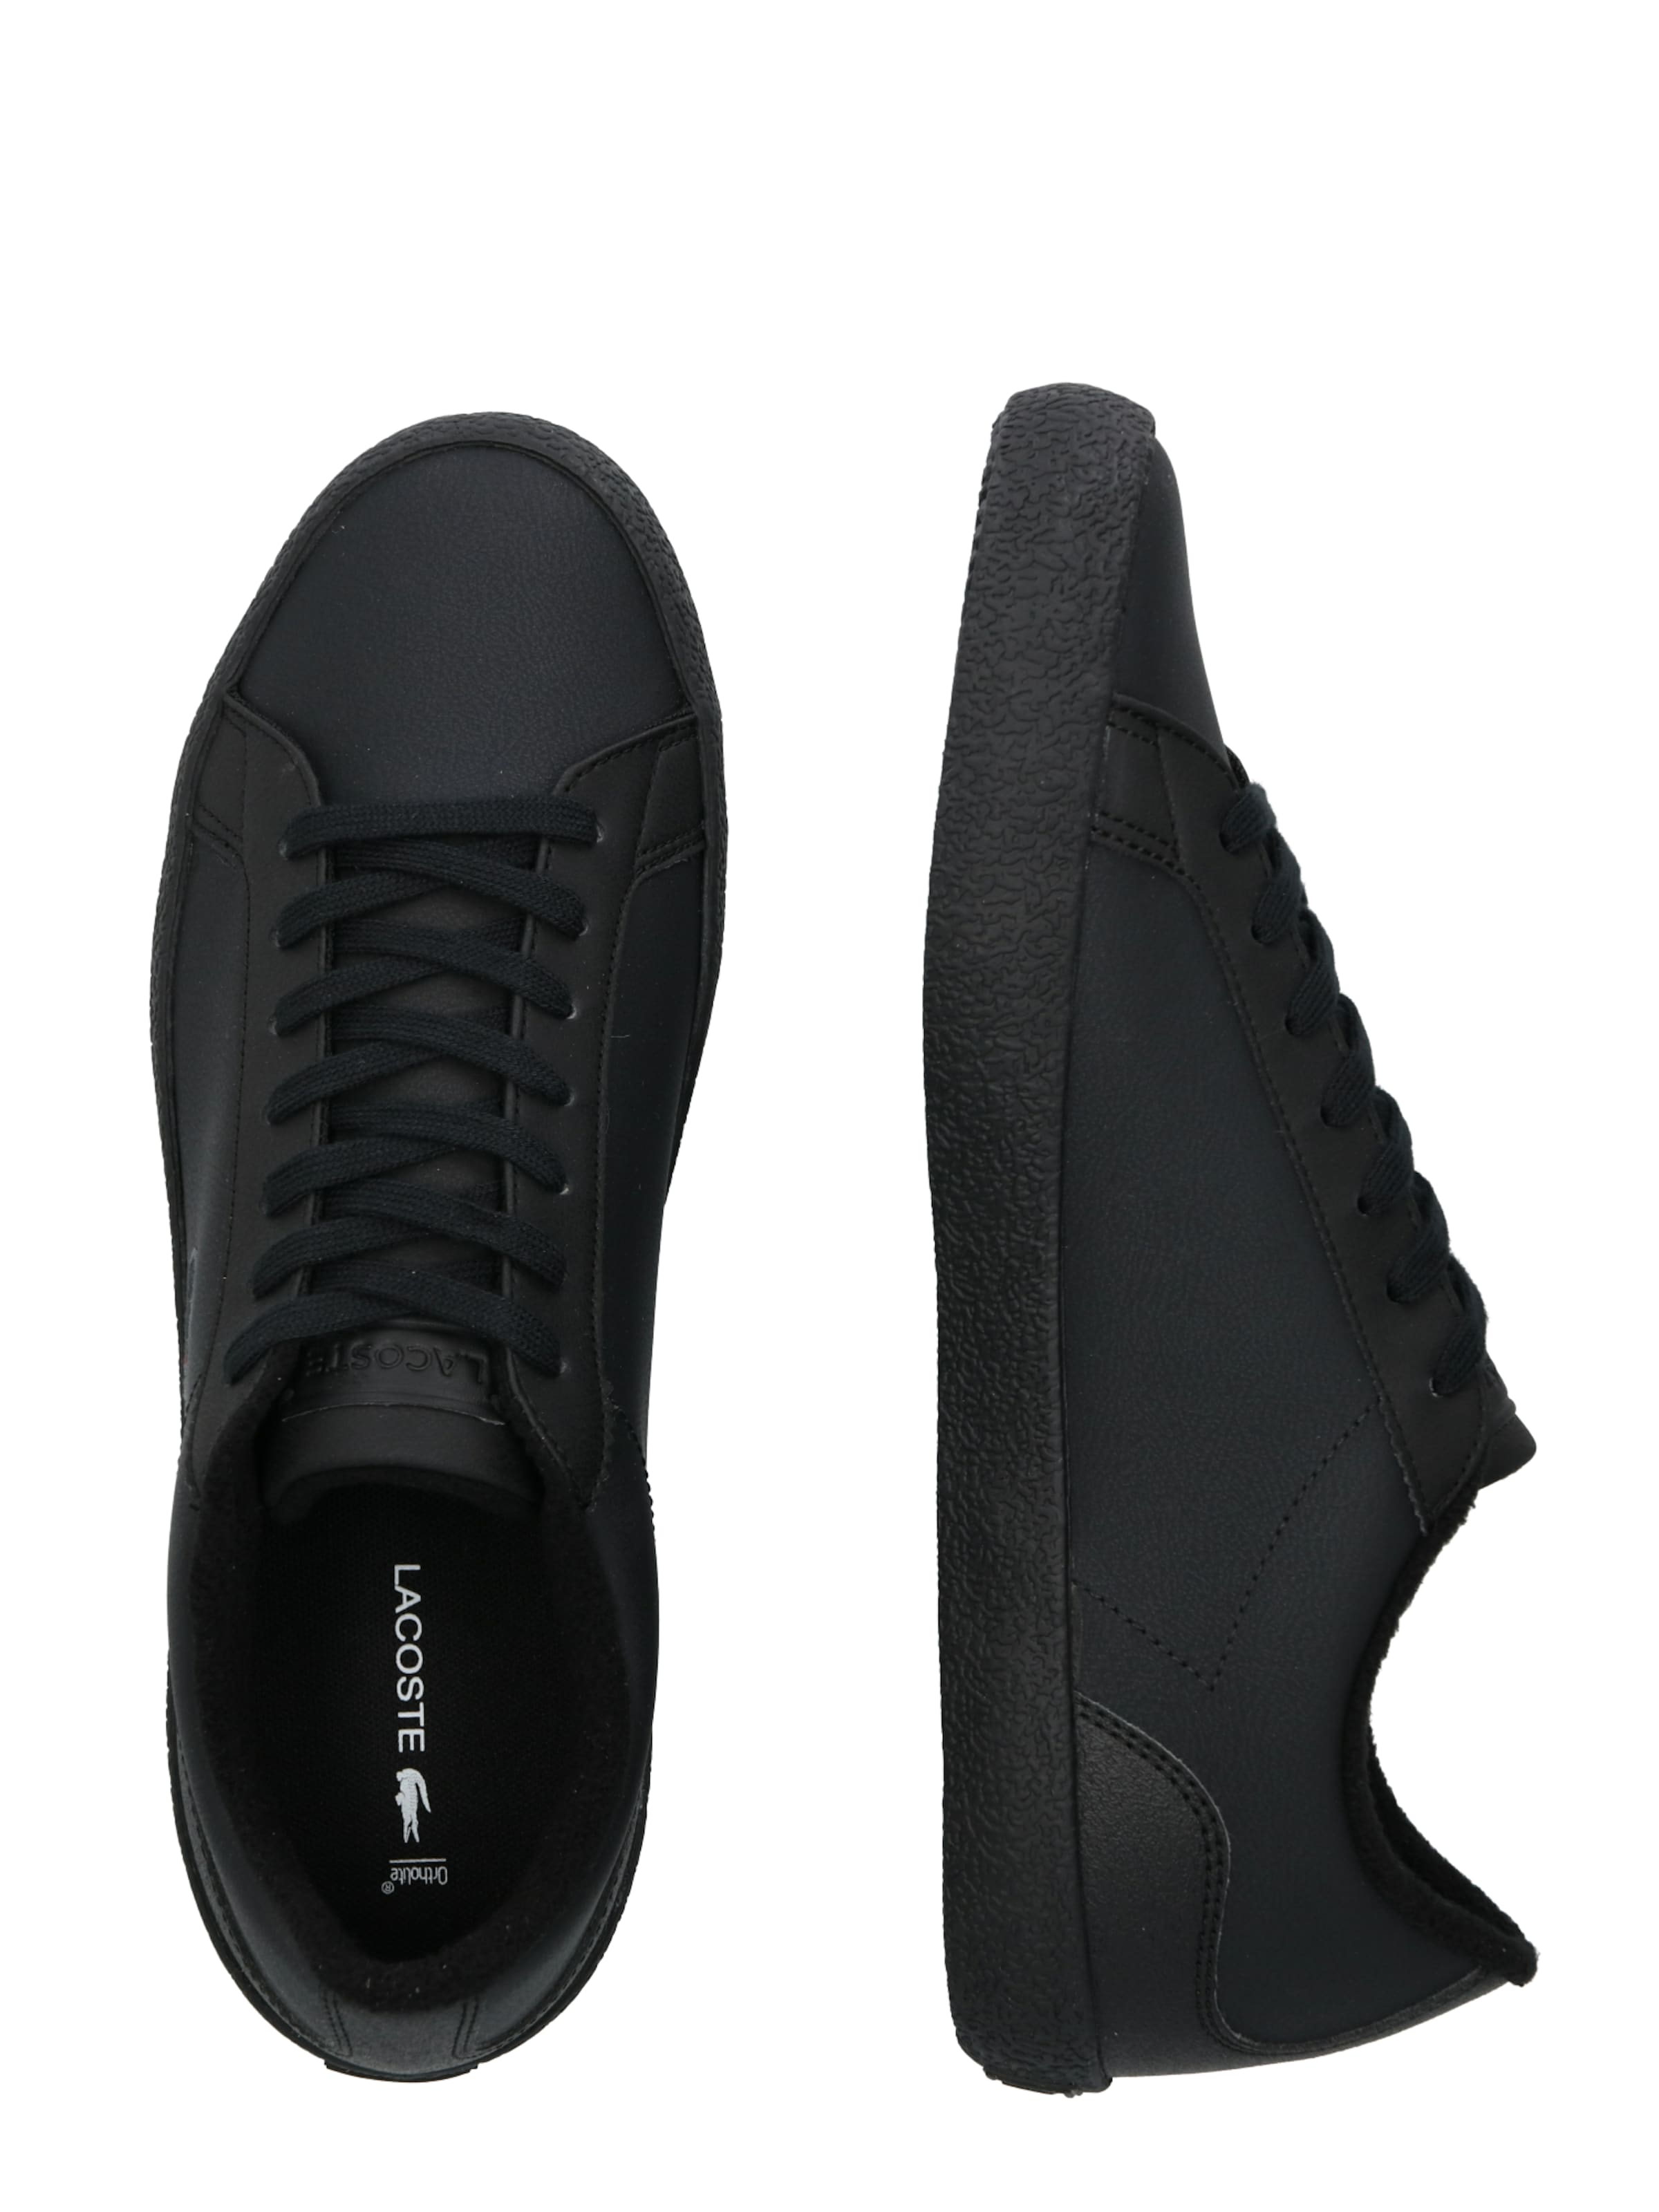 319 Cma' Schwarz Lacoste Sneaker 'lerond 6 In uJTKcF1l3